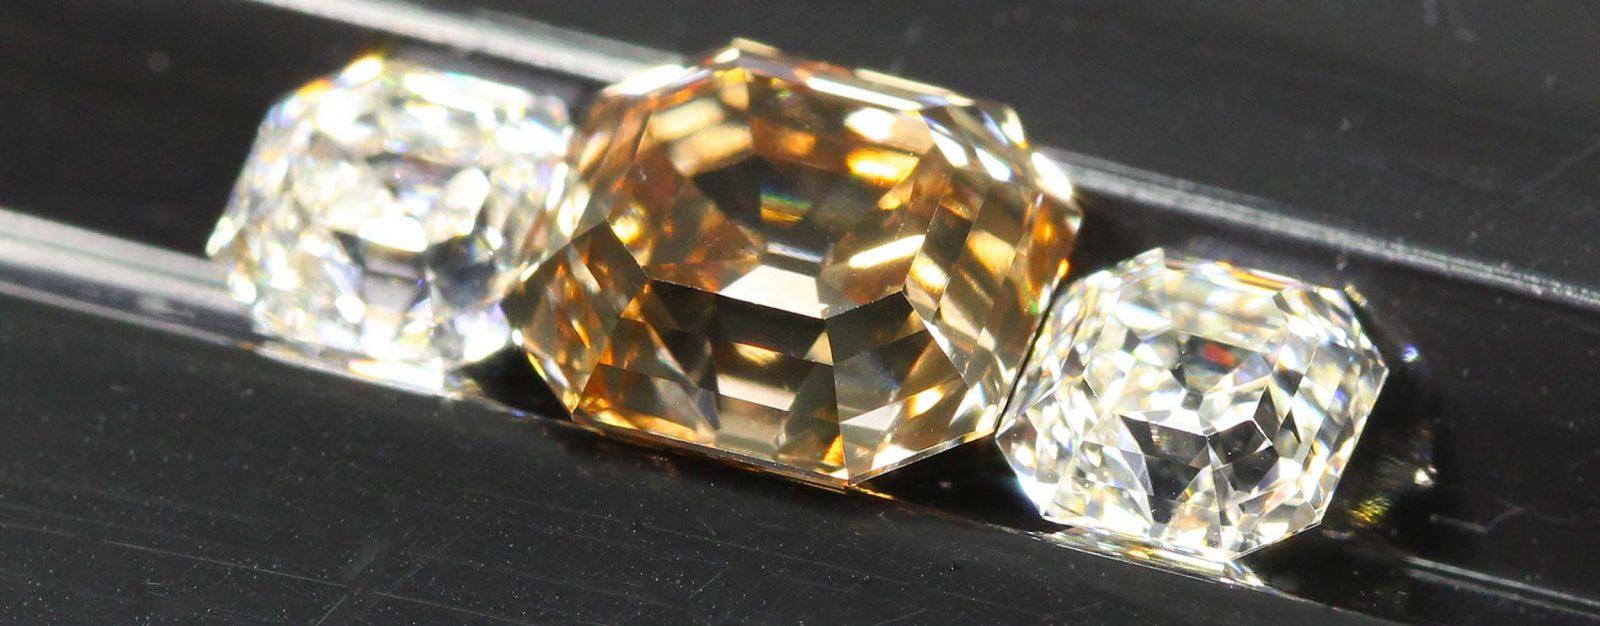 Unique three stone Diamonds ensemble with Brown Argyle as center and two white Diamonds